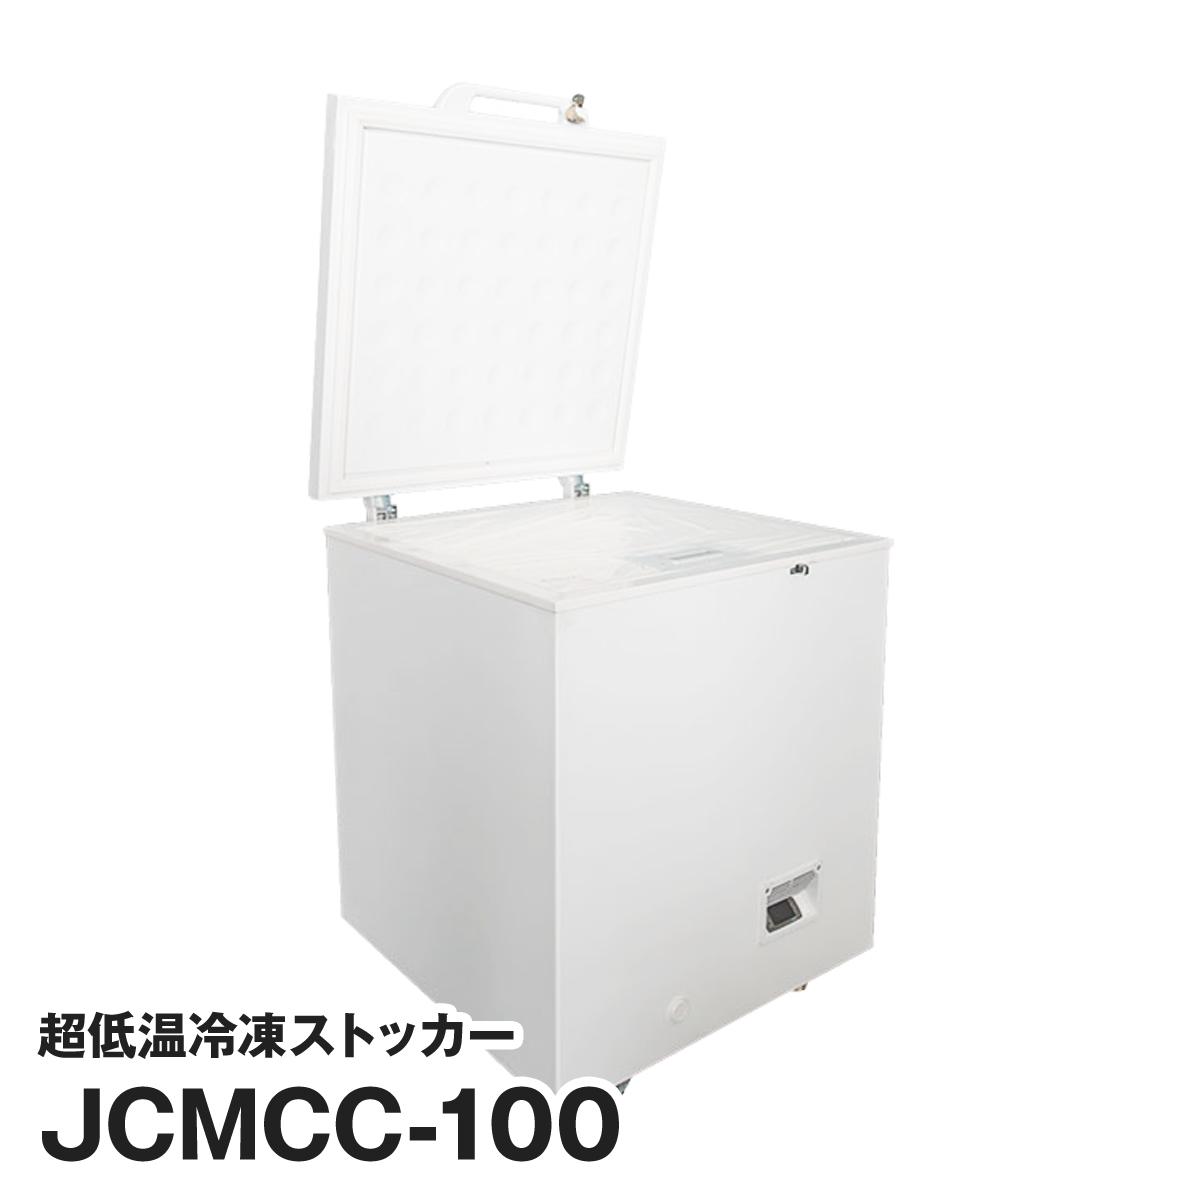 JCM社製 業務用 保冷庫 冷凍庫 104L 超低温冷凍ストッカー JCMCC-100 新品